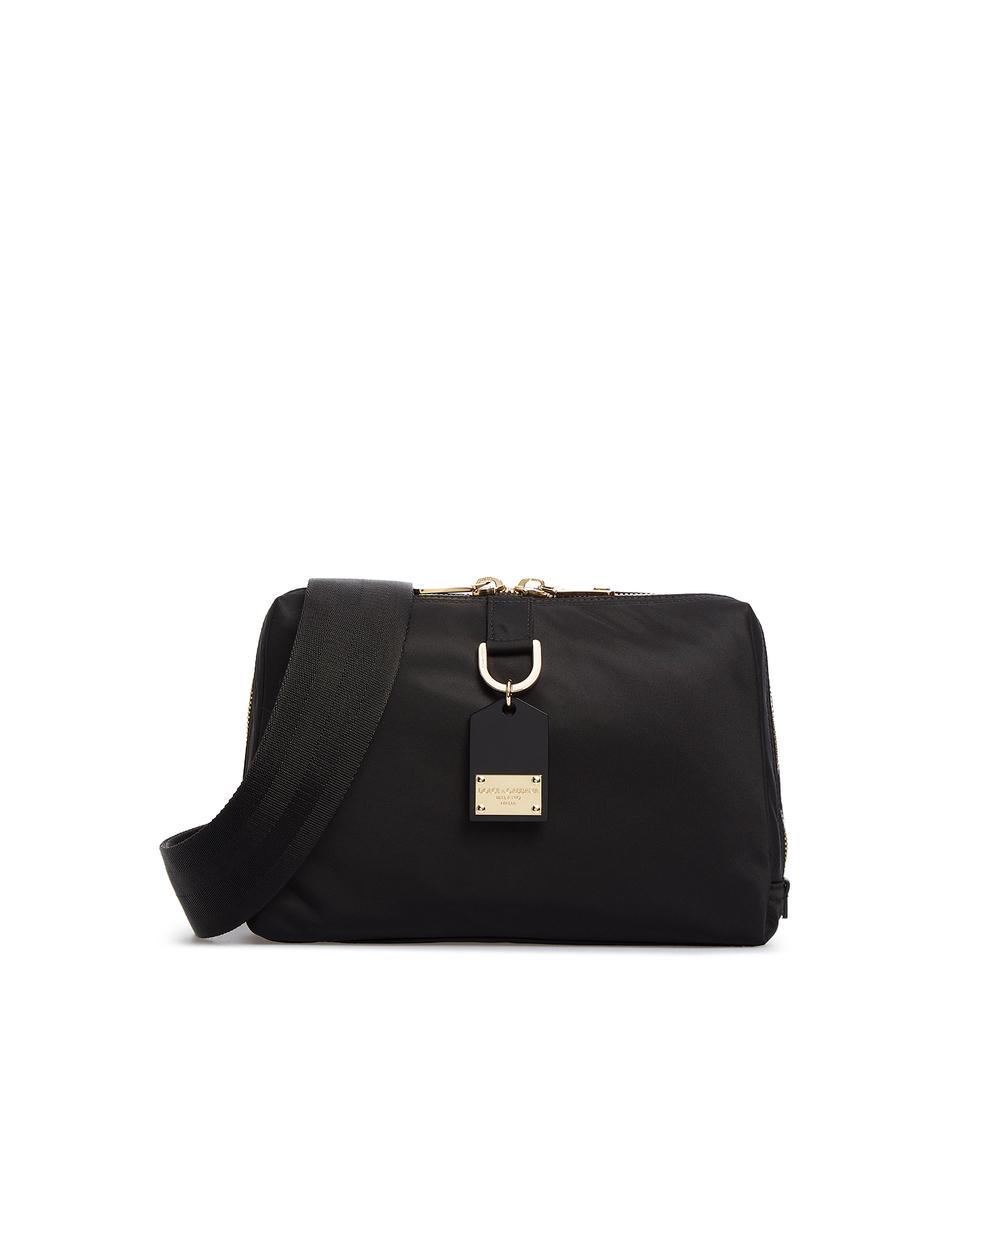 Сумка Soft DNA Dolce&Gabbana BM1811-AW309 — Kameron